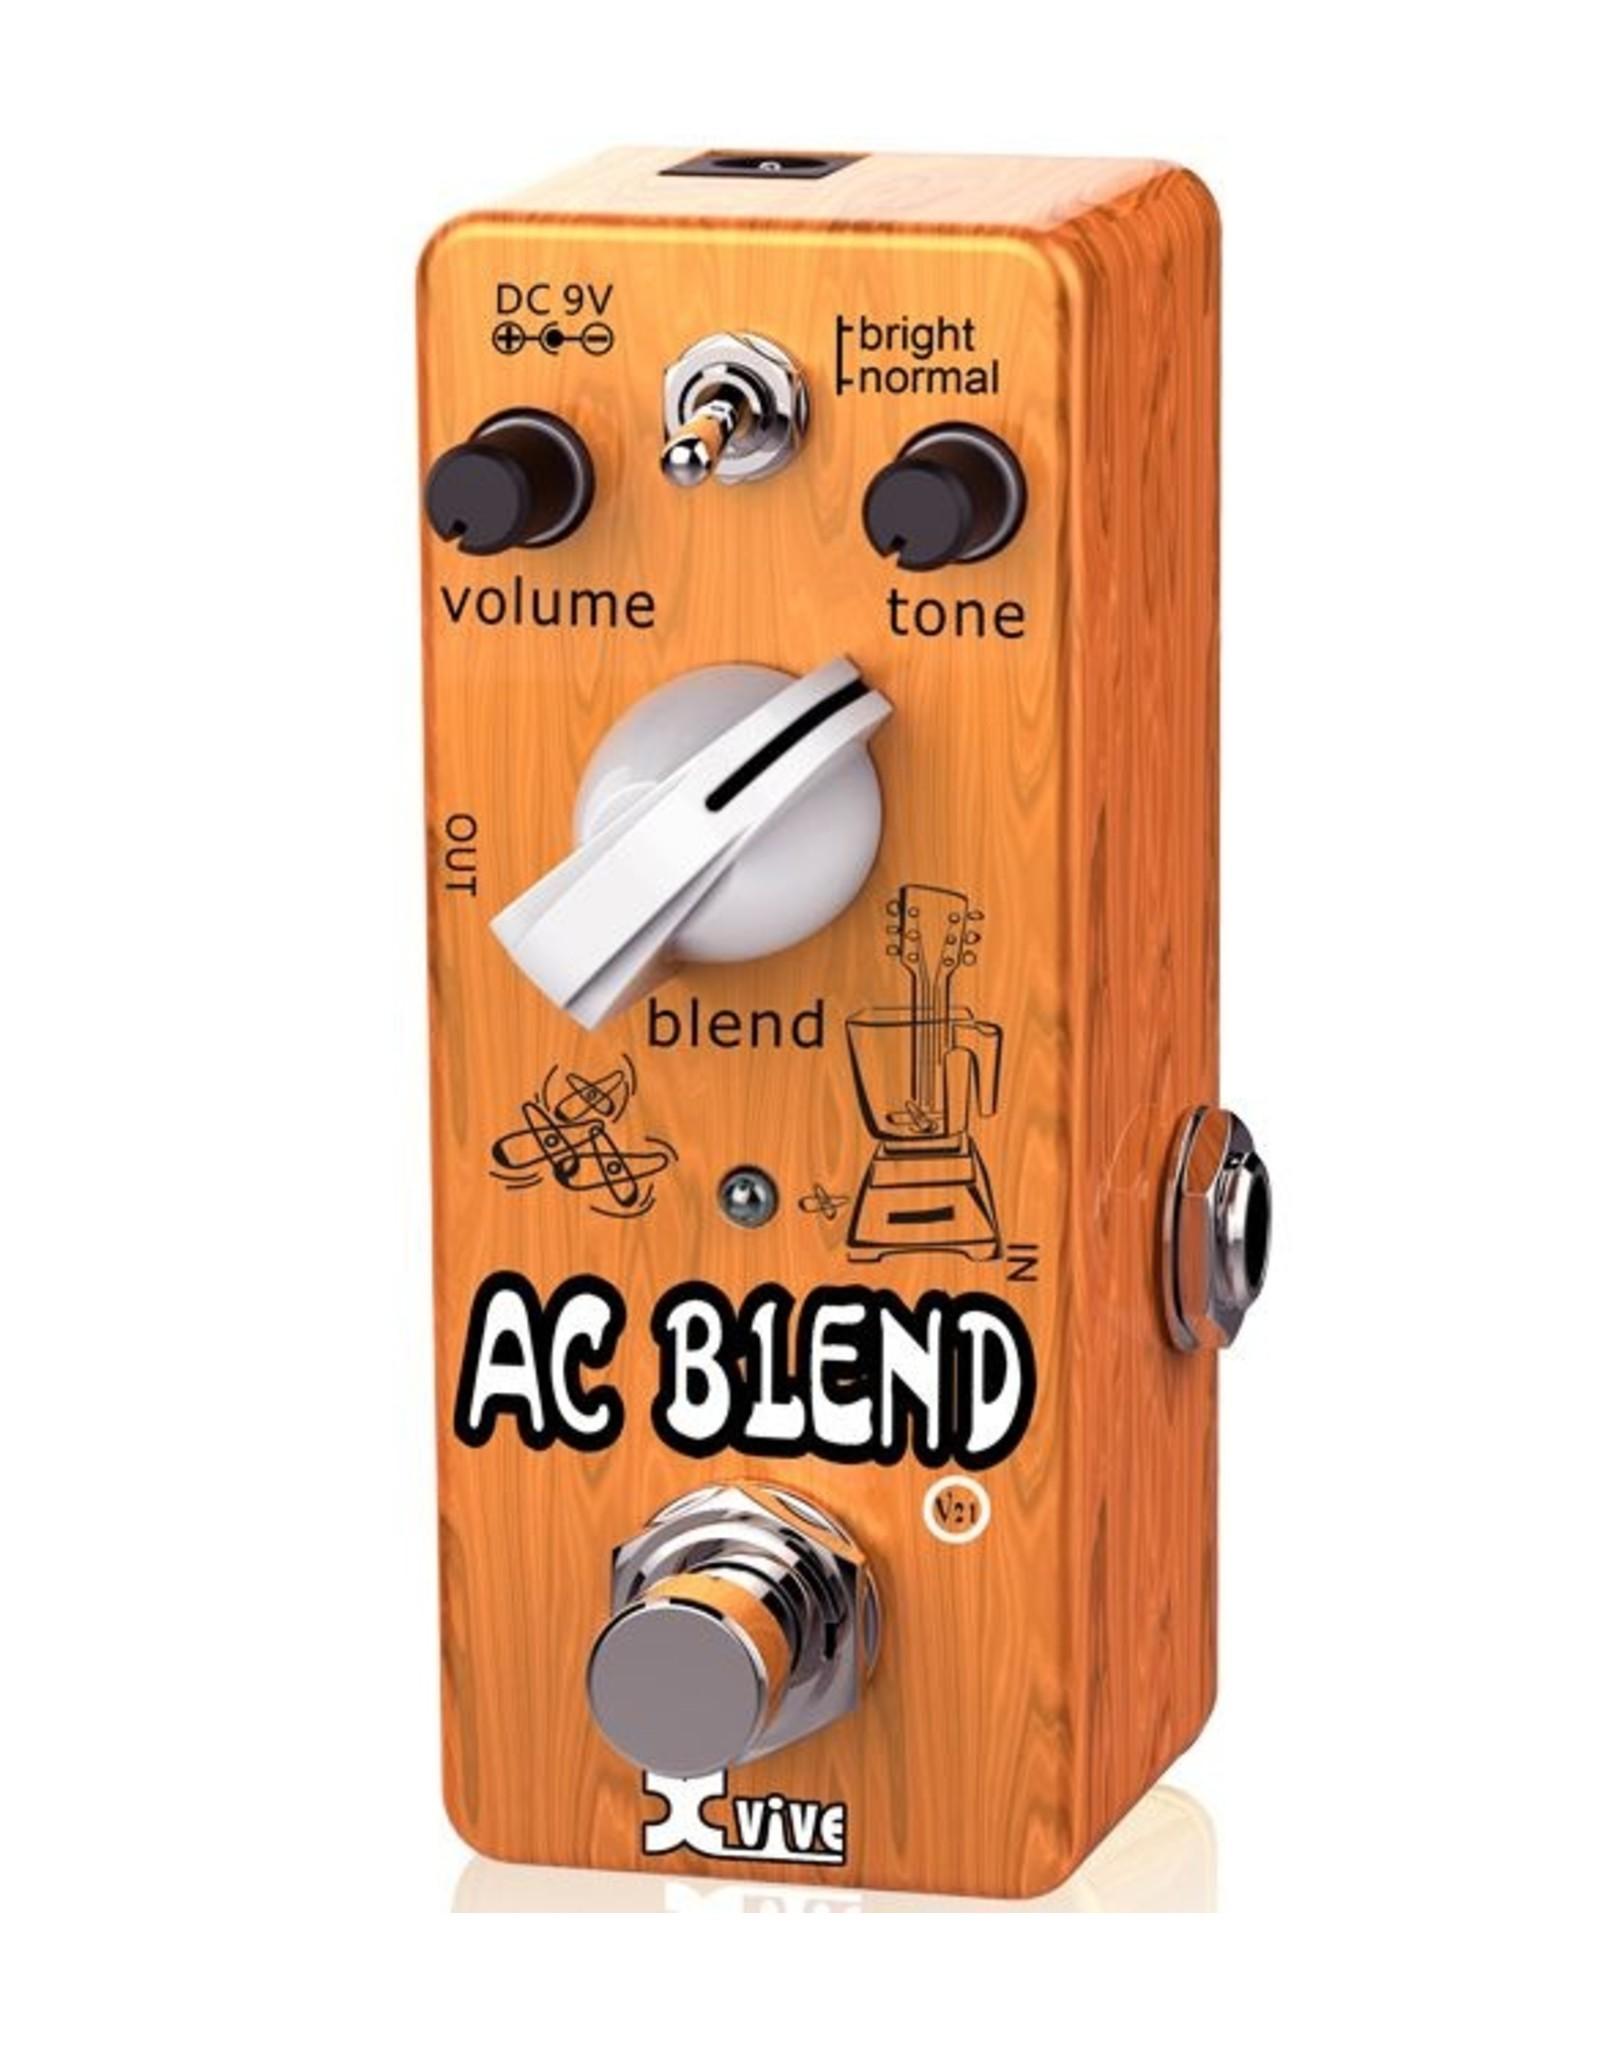 XVive XVive AC Blend